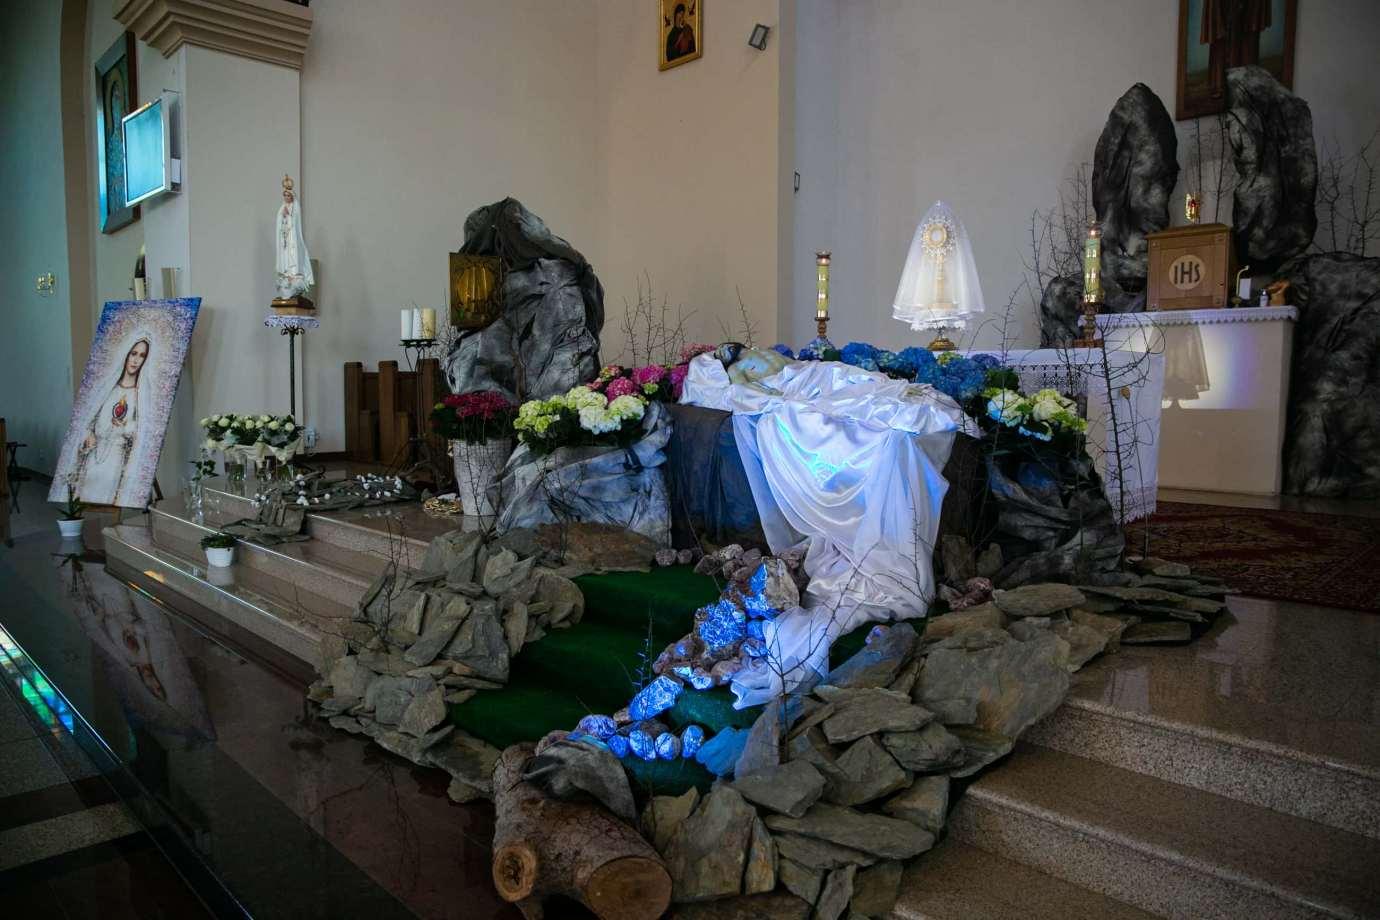 parafia pw swietego brata alberta w zamosciu 14 Zdjęcia grobów pańskich w zamojskich świątyniach